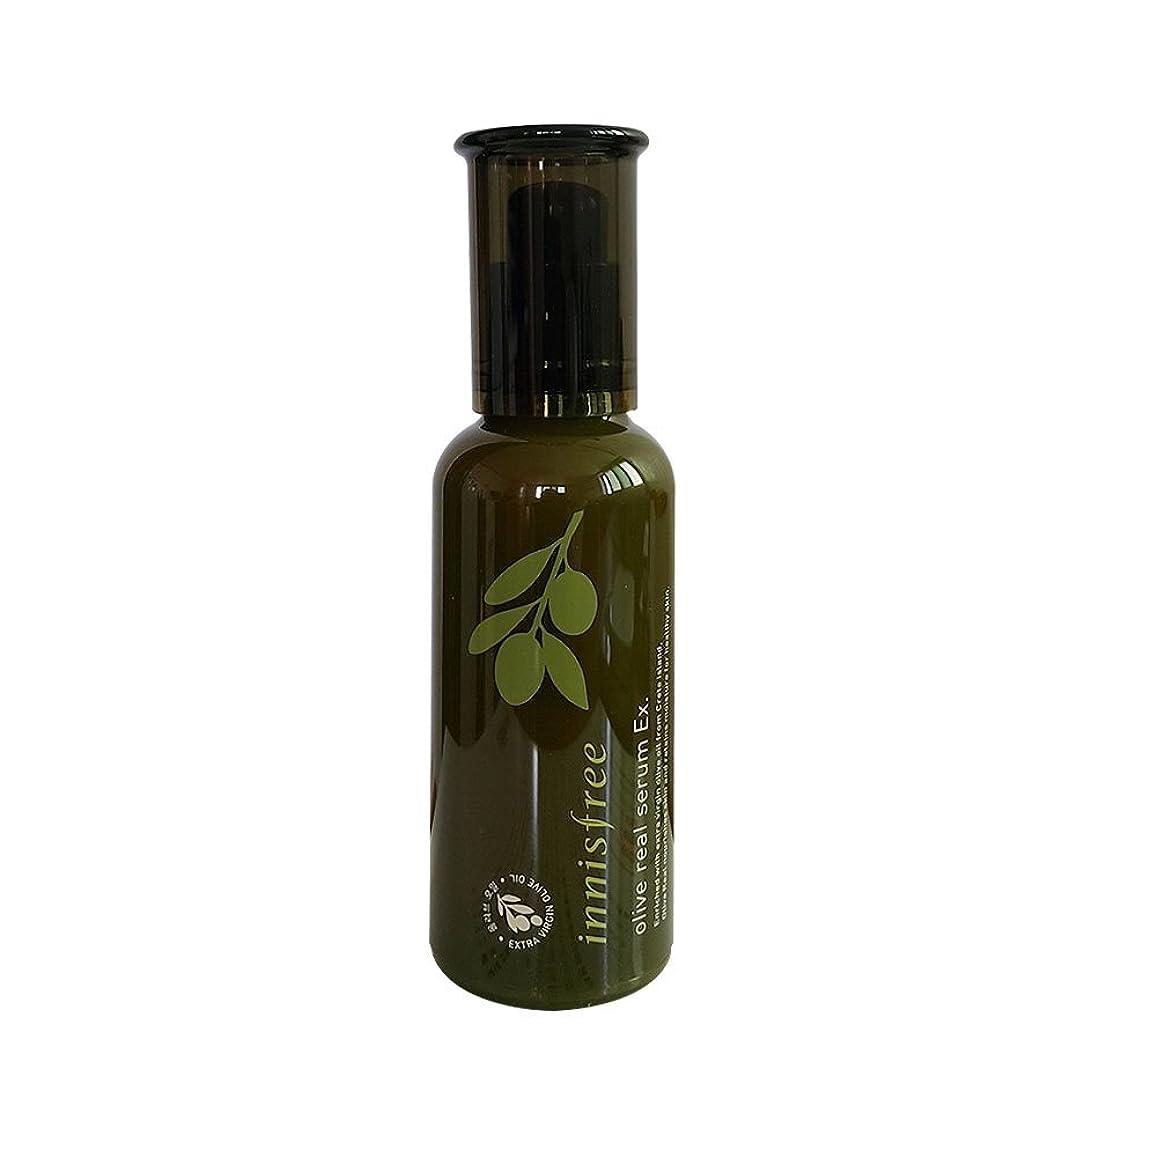 距離床暴力イニスフリー Innisfree オリーブリアルセラム(50ml) Innisfree Olive Real Serum(50ml) [海外直送品]